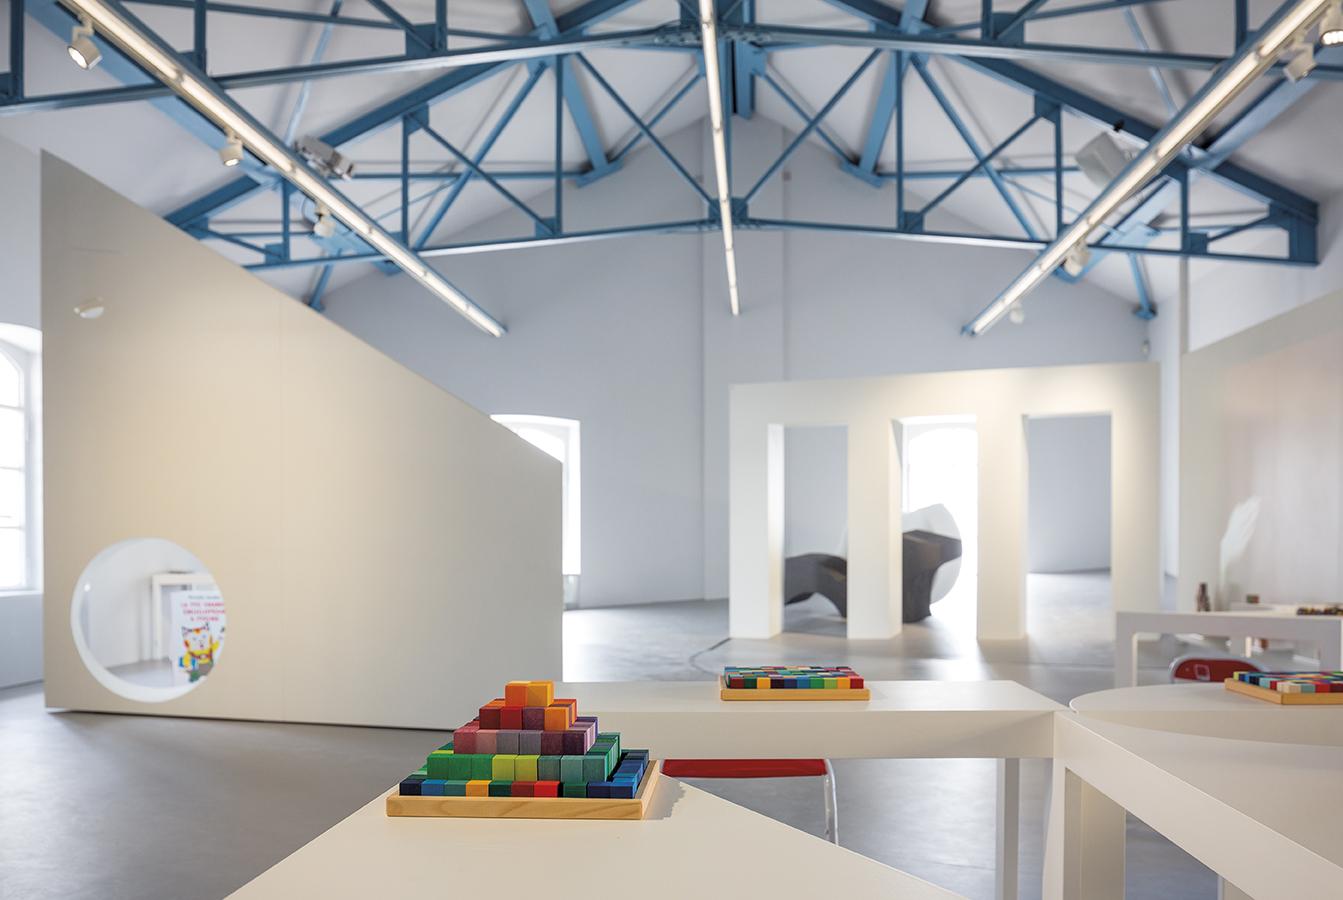 The Accademia dei bambini at Fondazione Prada